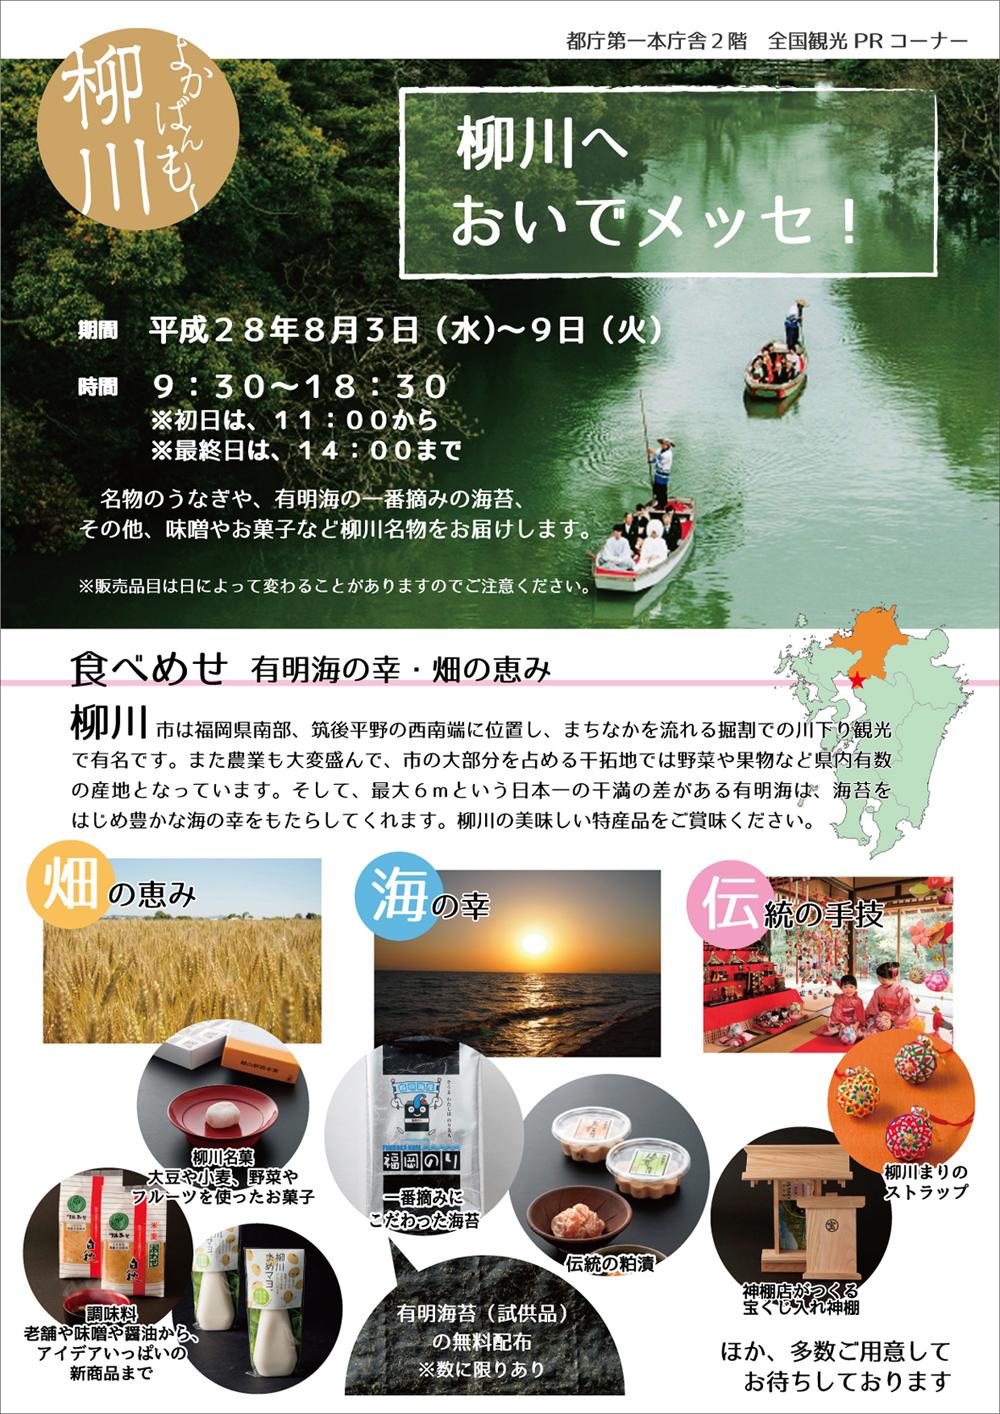 東京都庁 全国観光PRコーナー柳川市イベント2016